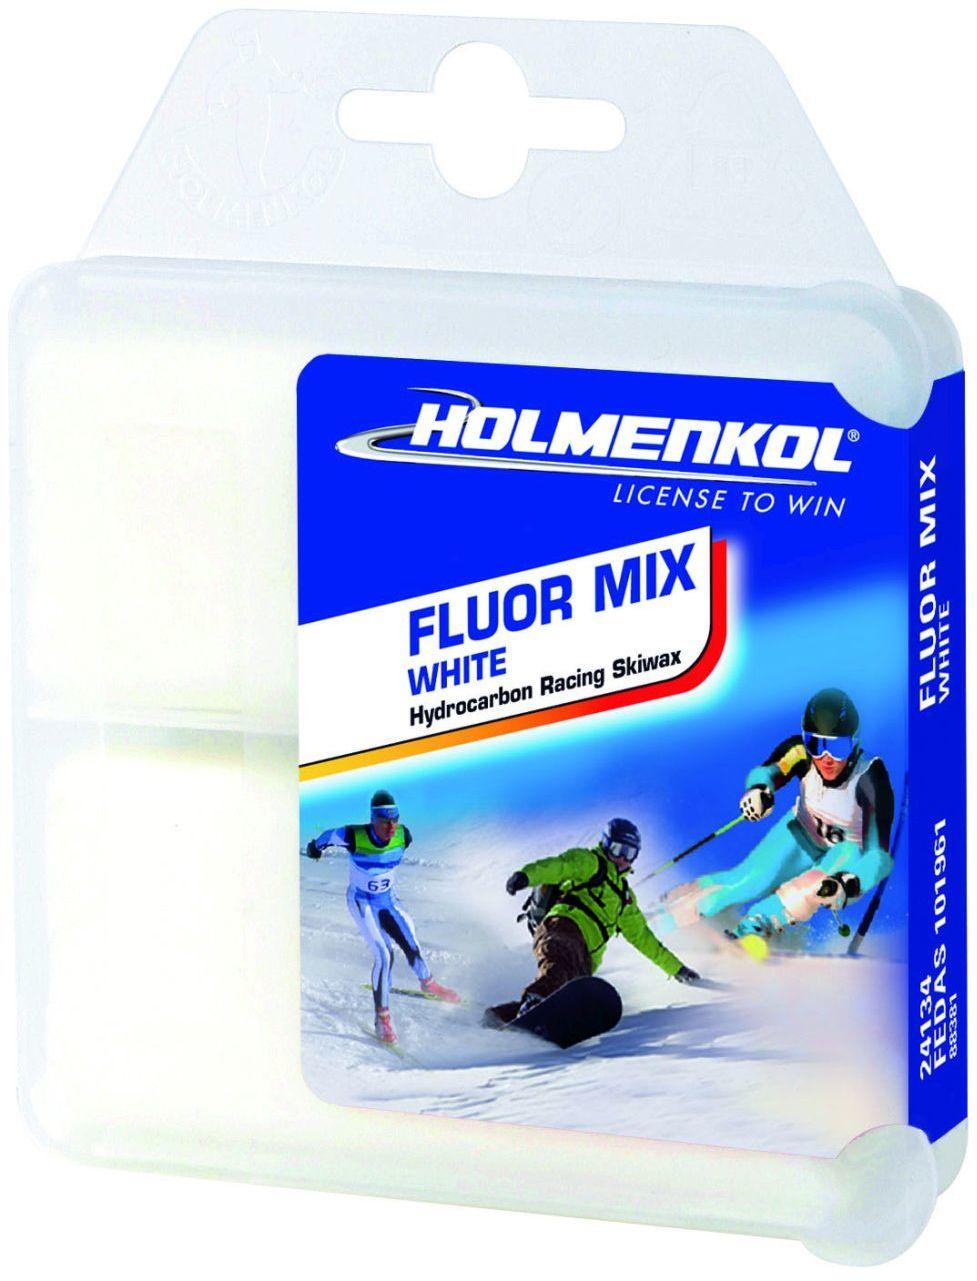 Smar Holmenkol Fluor Mix White 2x35g LF